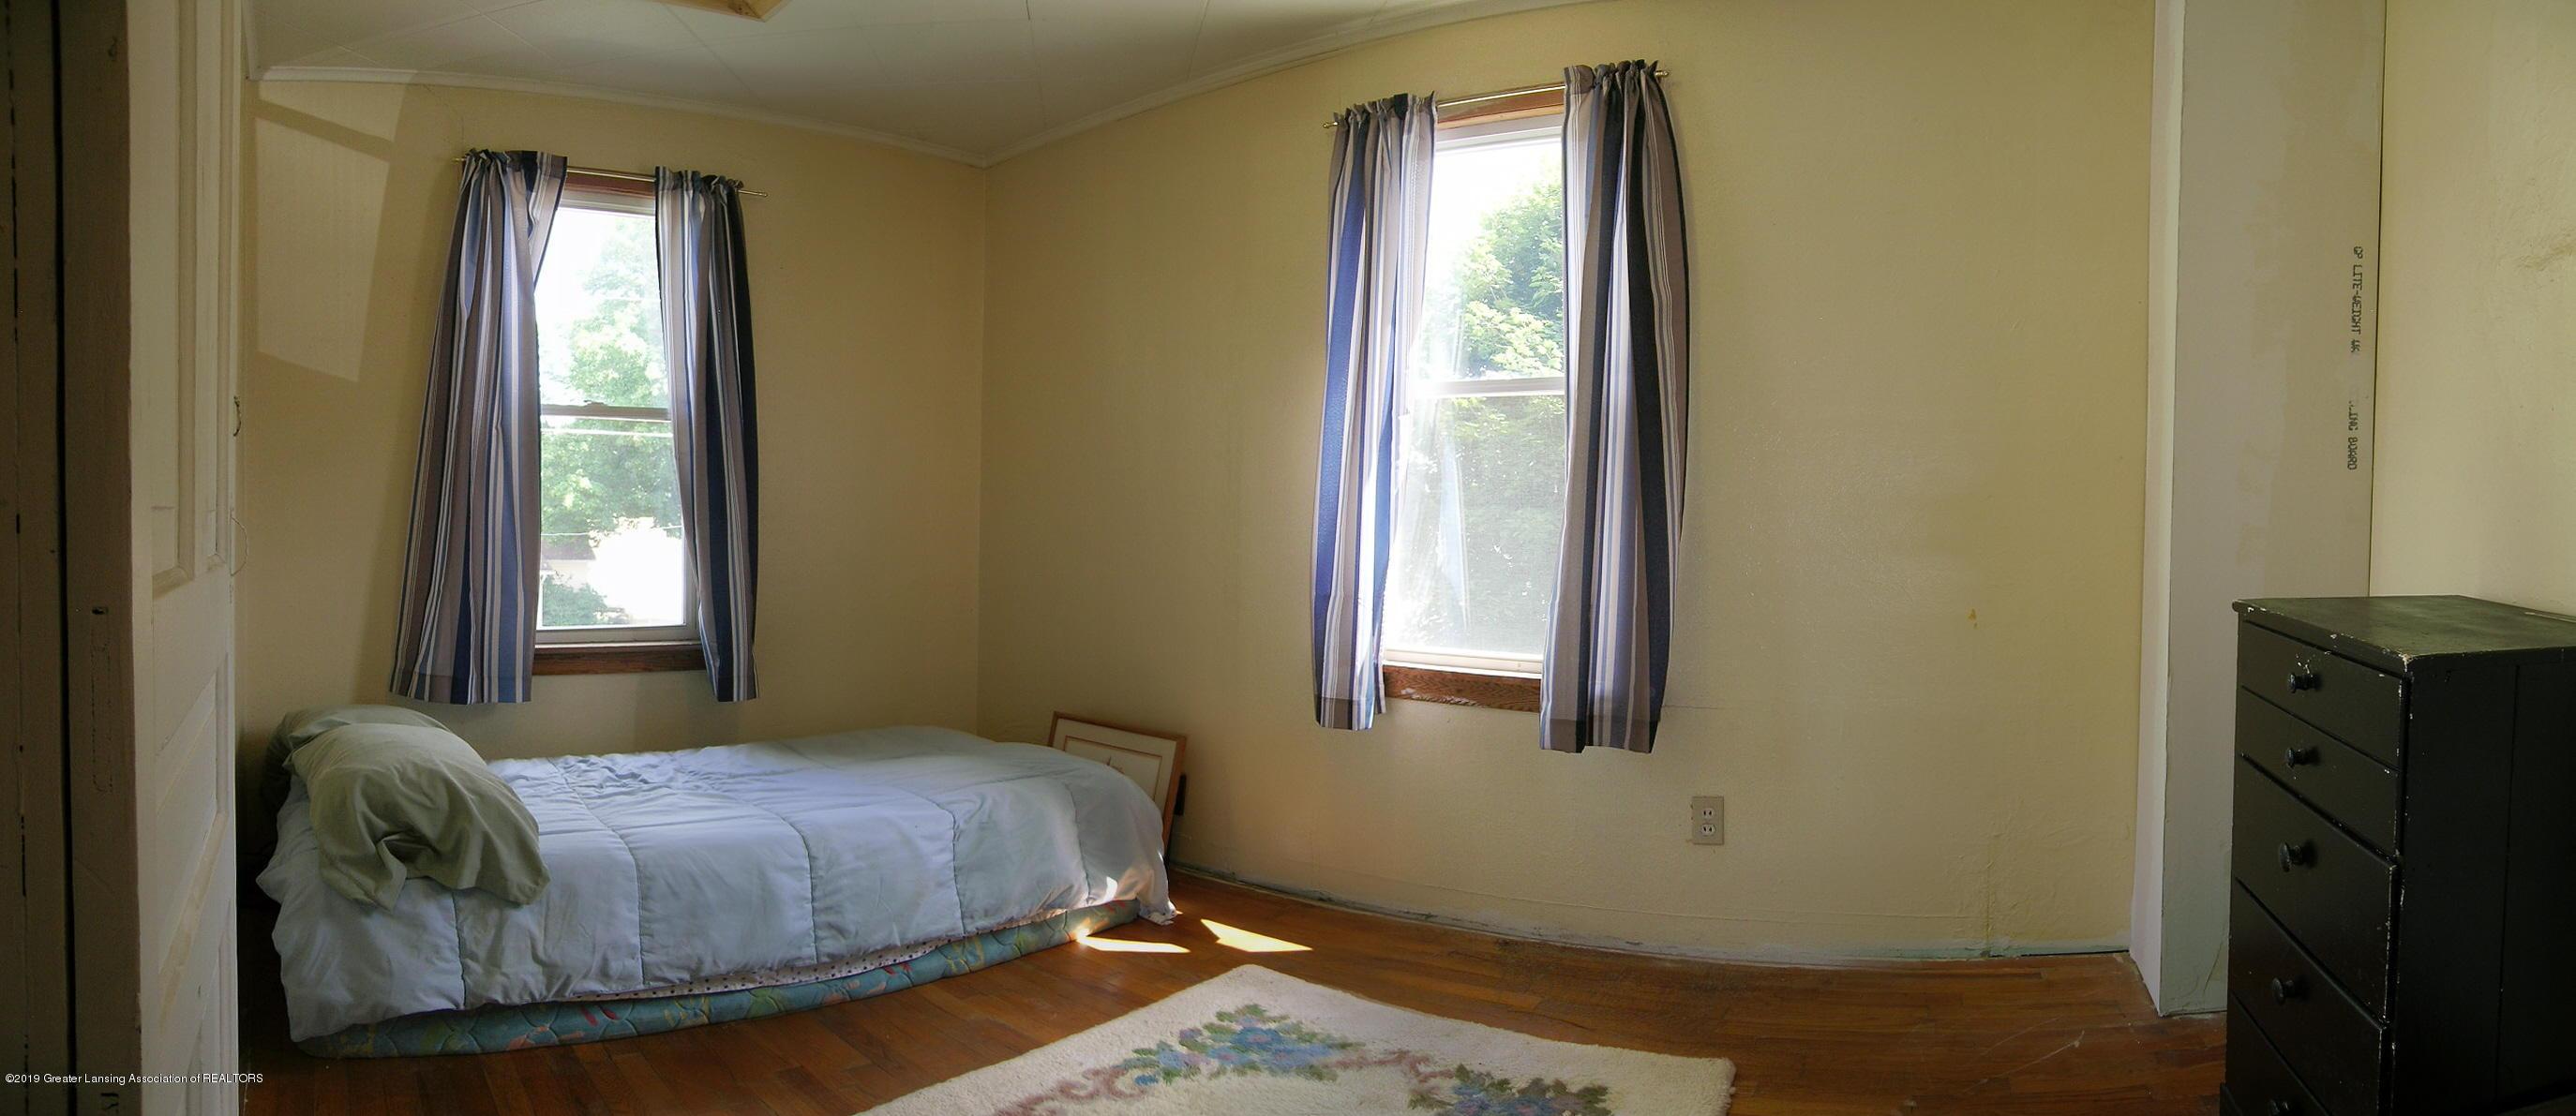 413 W Shepherd St - 10 Bedroom 3 - 10